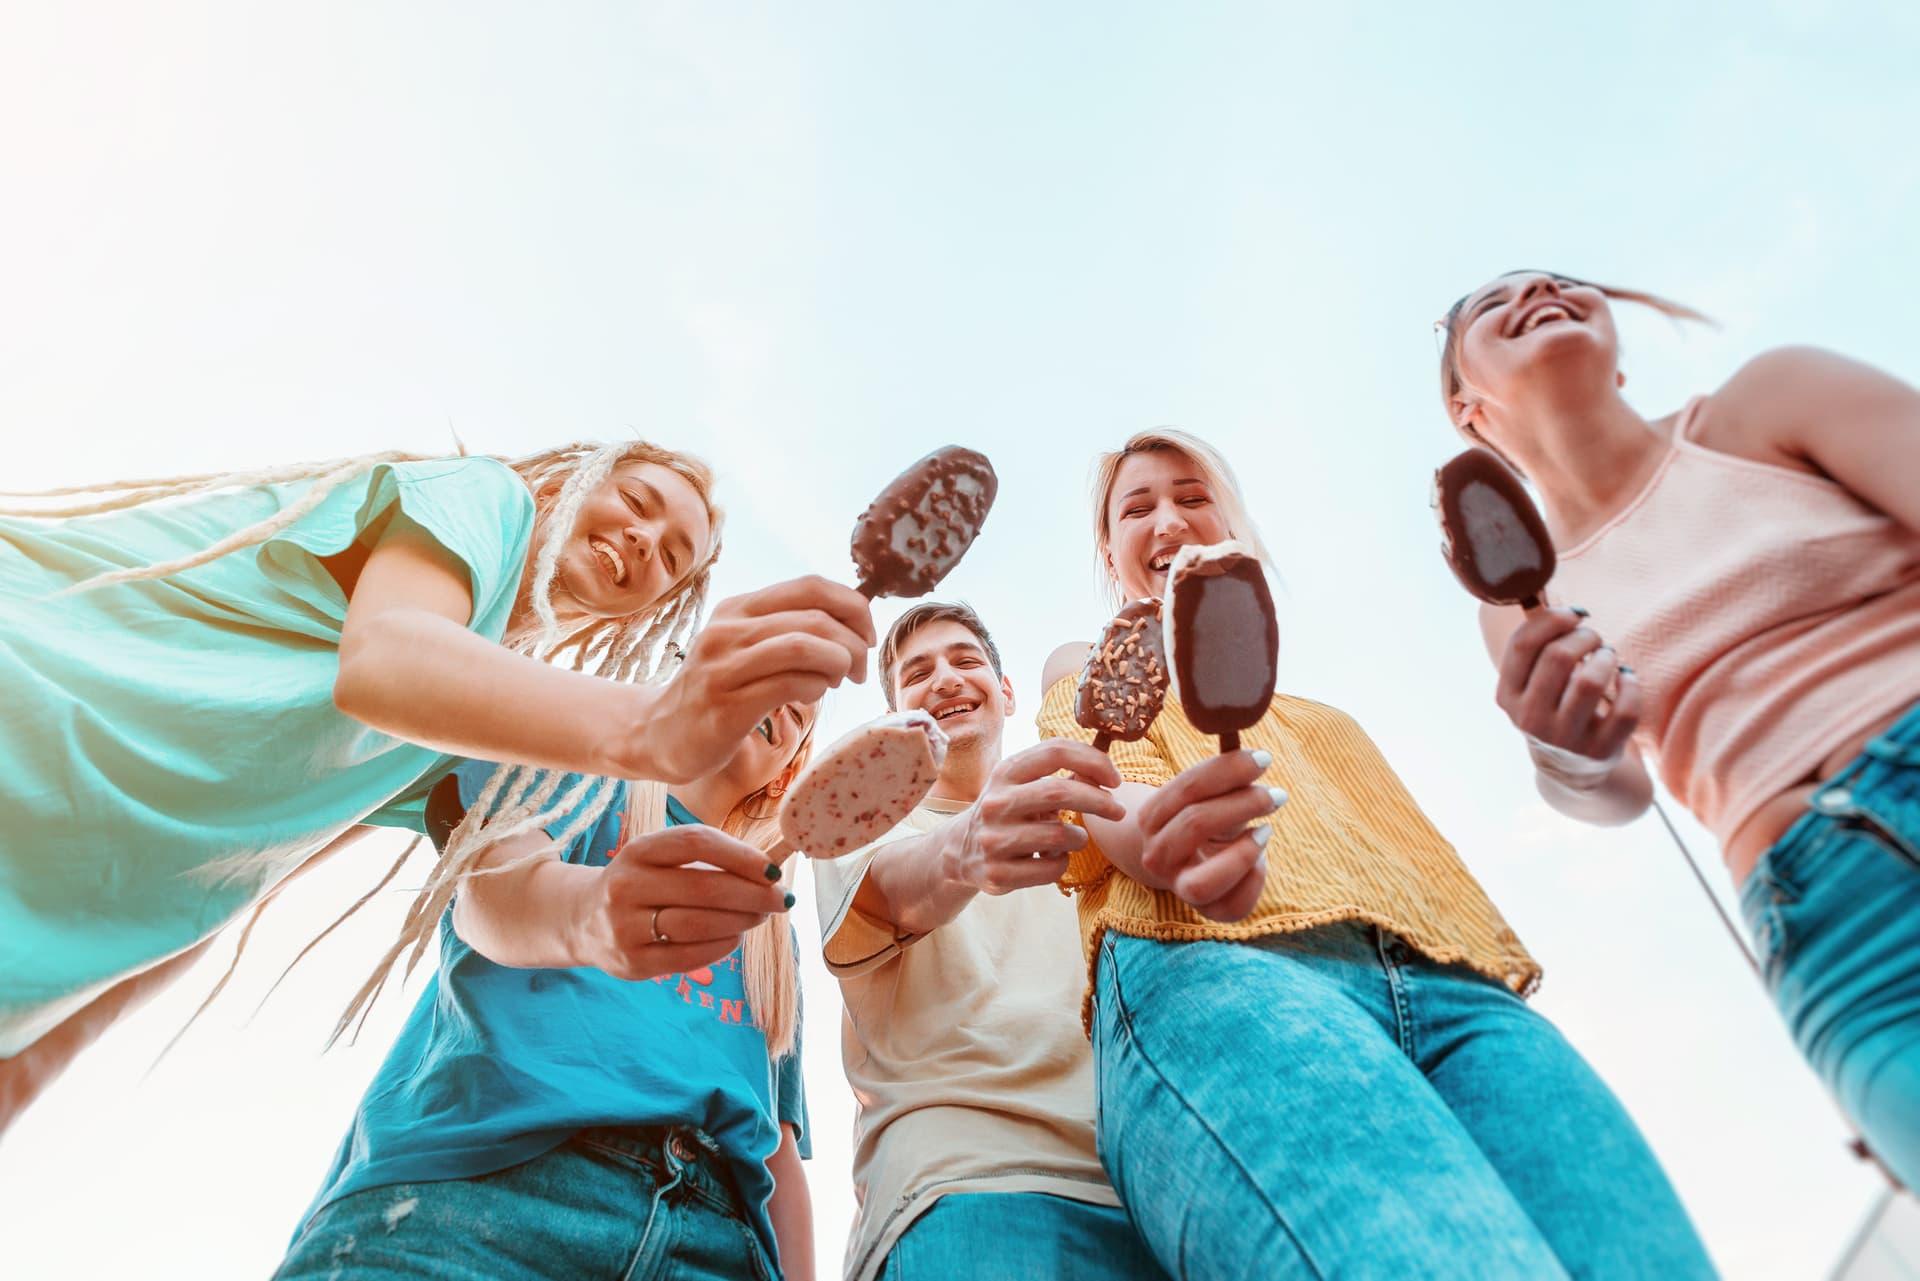 Junge Menschen essen Eis